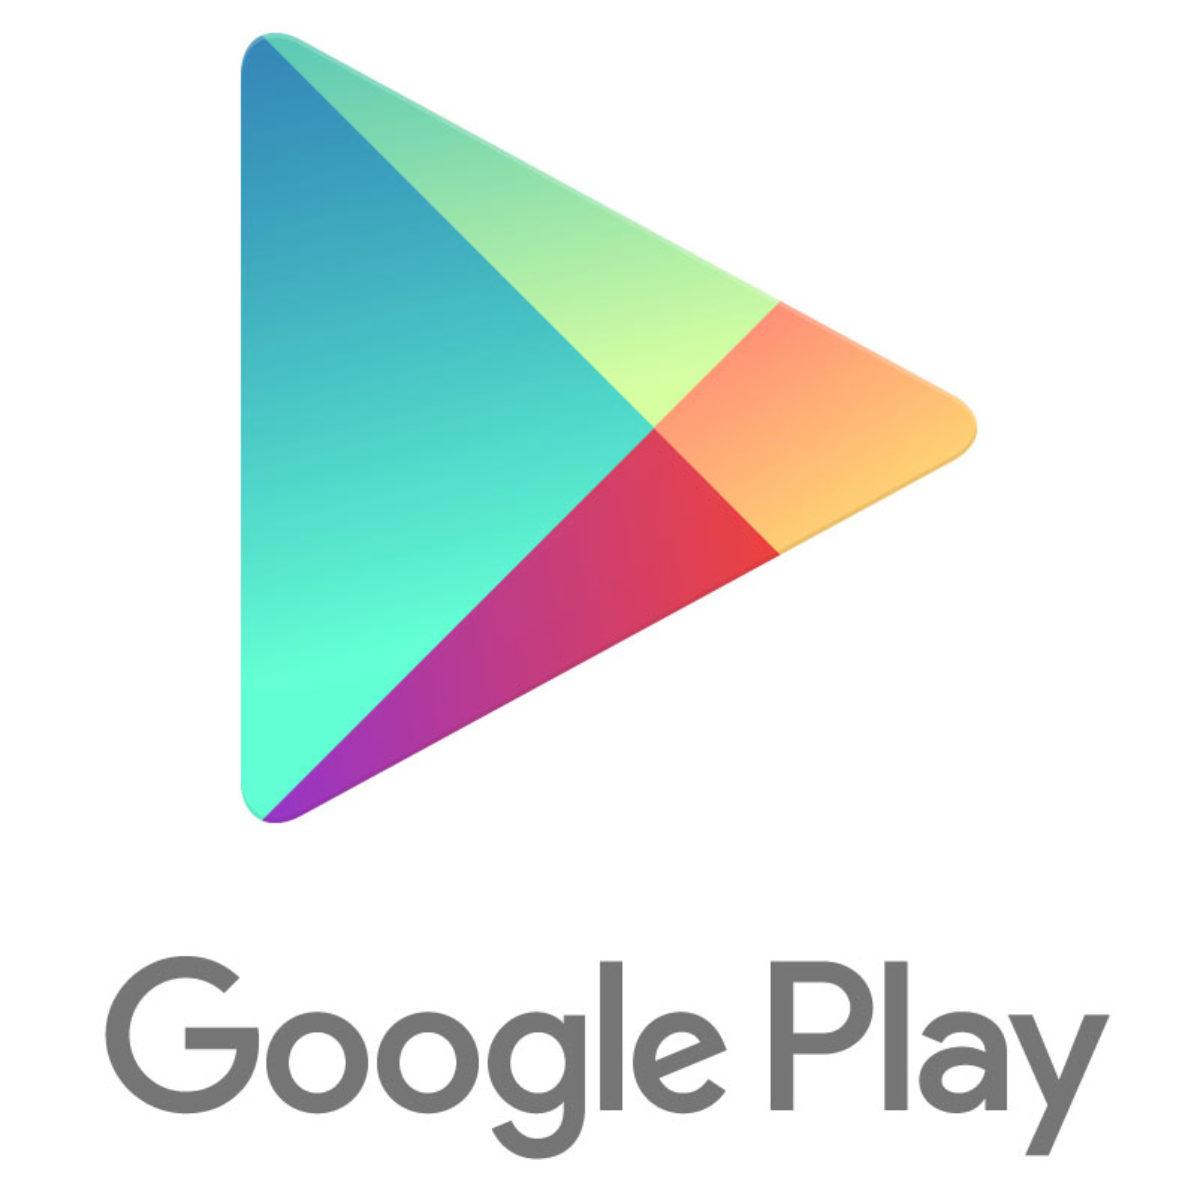 Paczka darmowych gier i aplikacji na Android